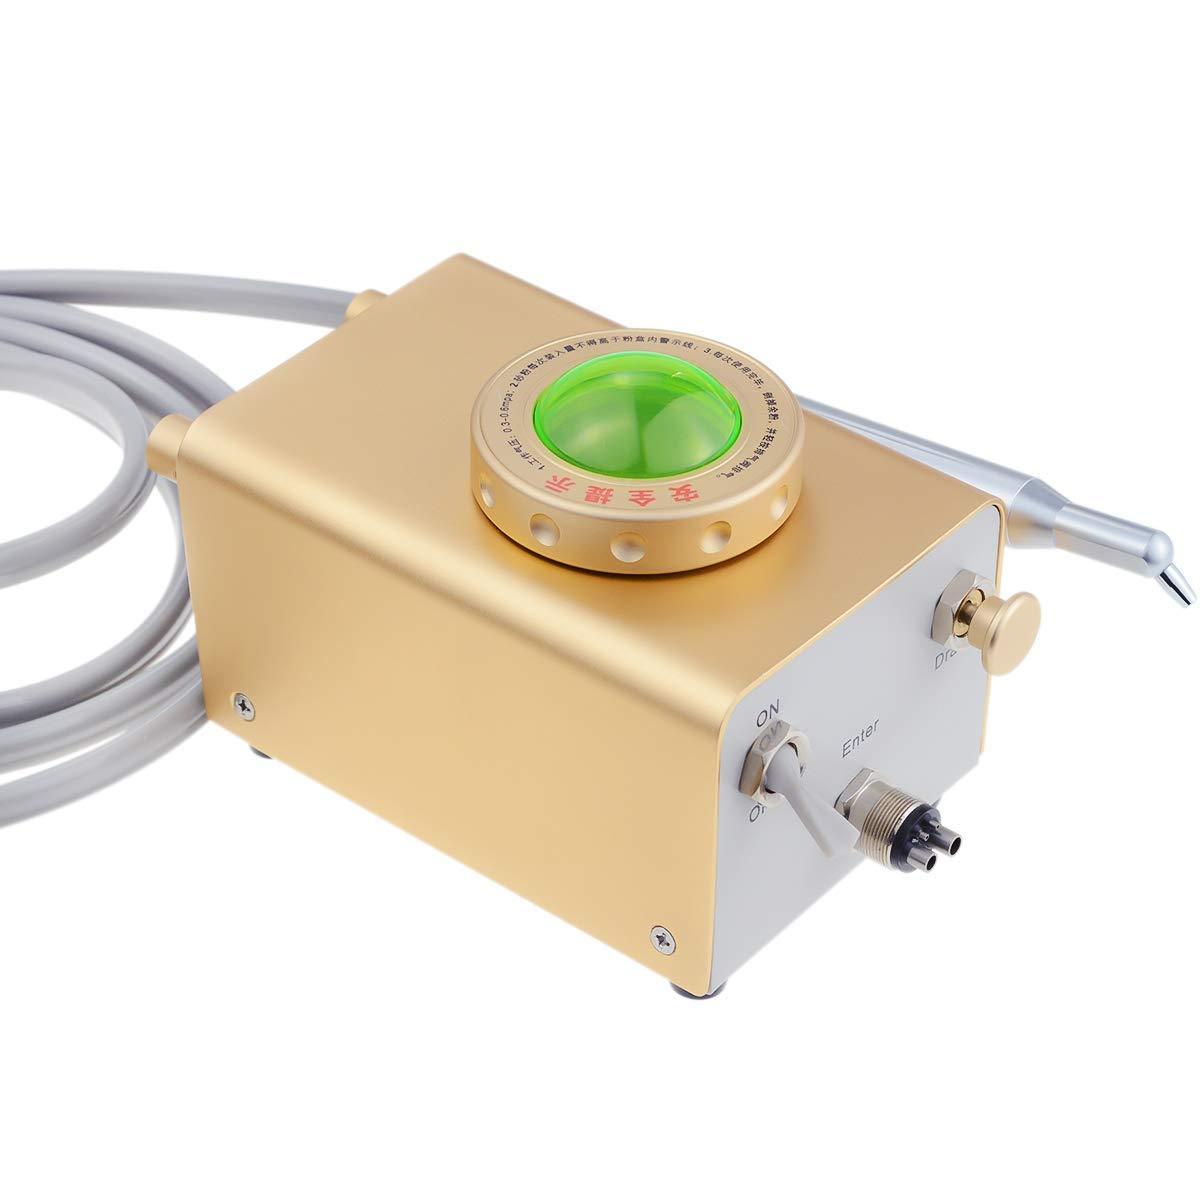 Alkita Lab Sandblasting Machine Air Filtration Device Polishing Equipment 4 Holes